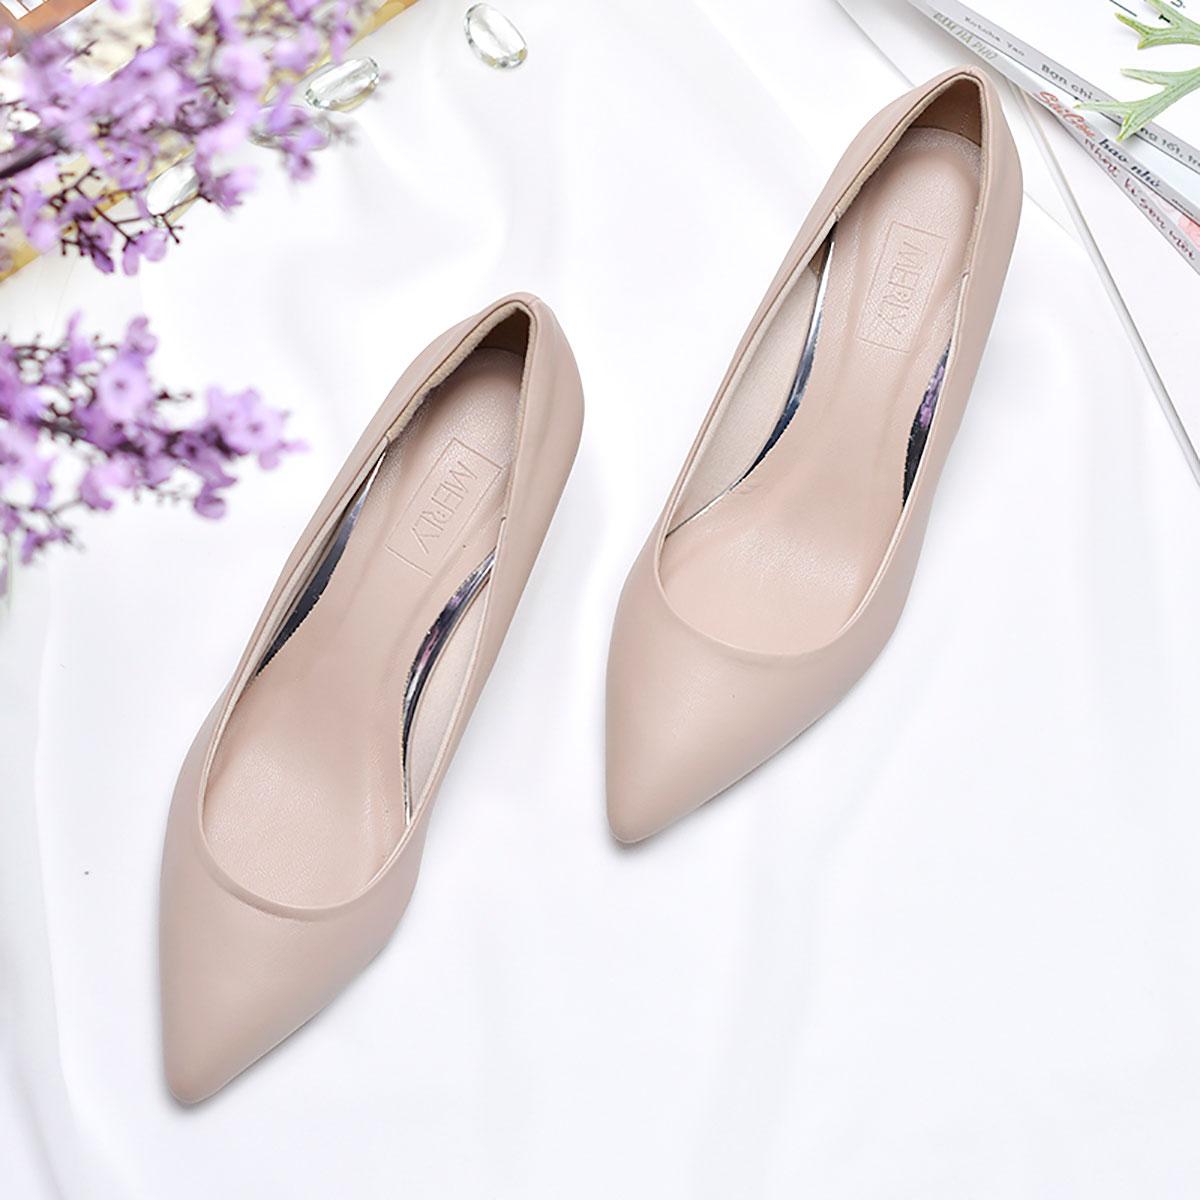 Giày cao gót mũi nhọn Merly 1200 3